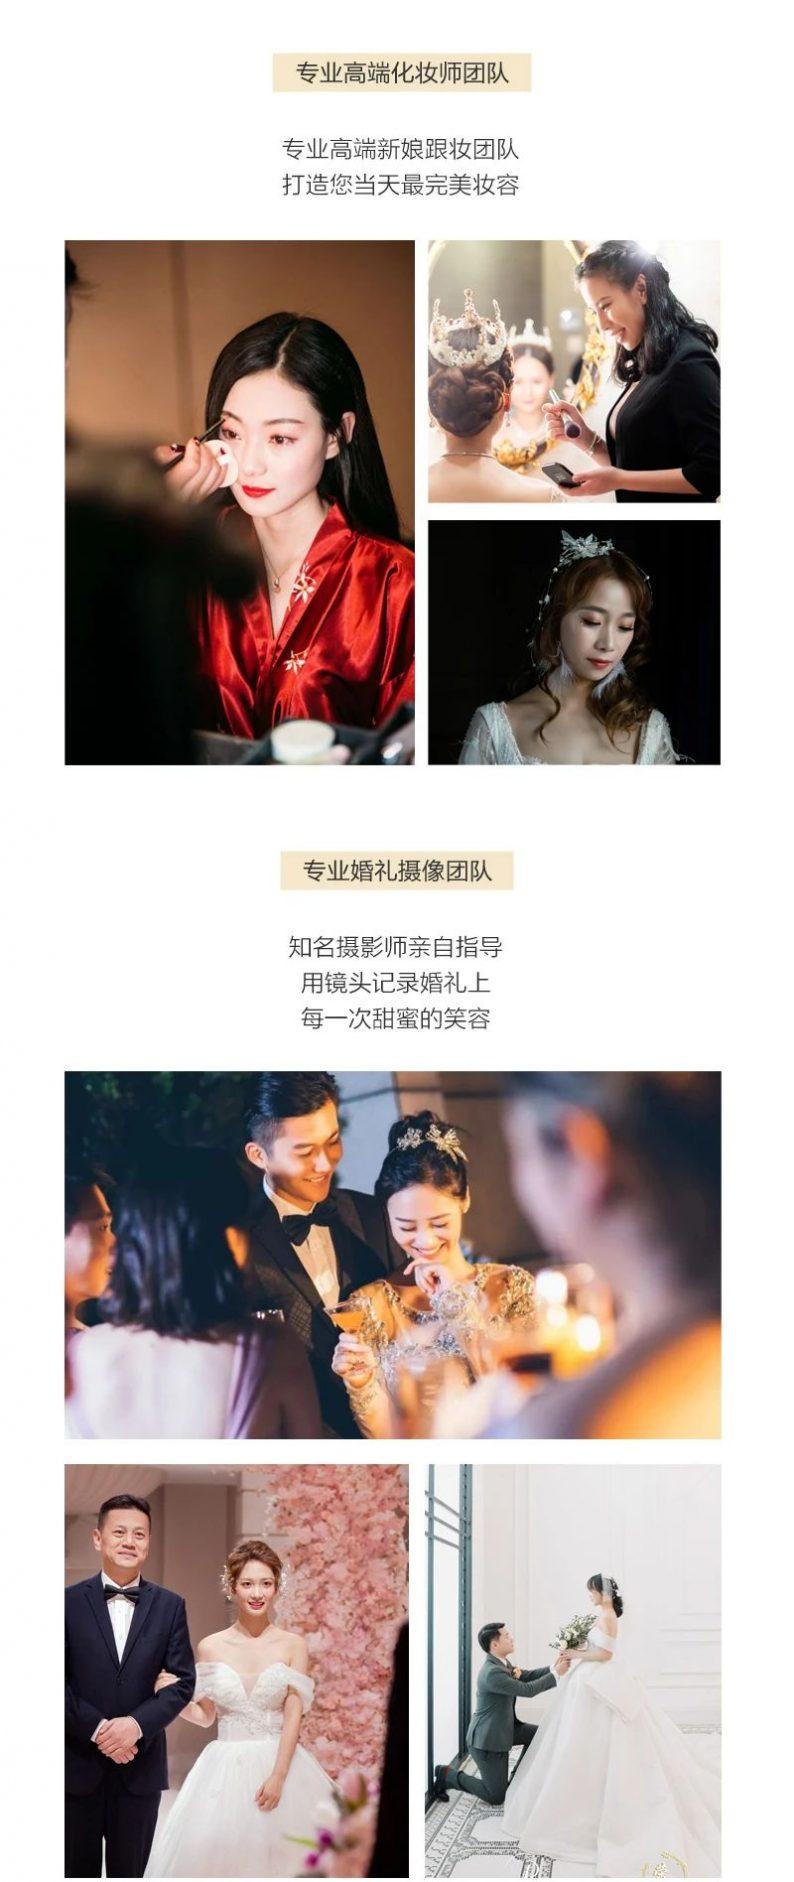 婚礼堂发布:同庆楼帕丽斯婚礼艺术殿堂,3000多平、蔡上设计!  第20张